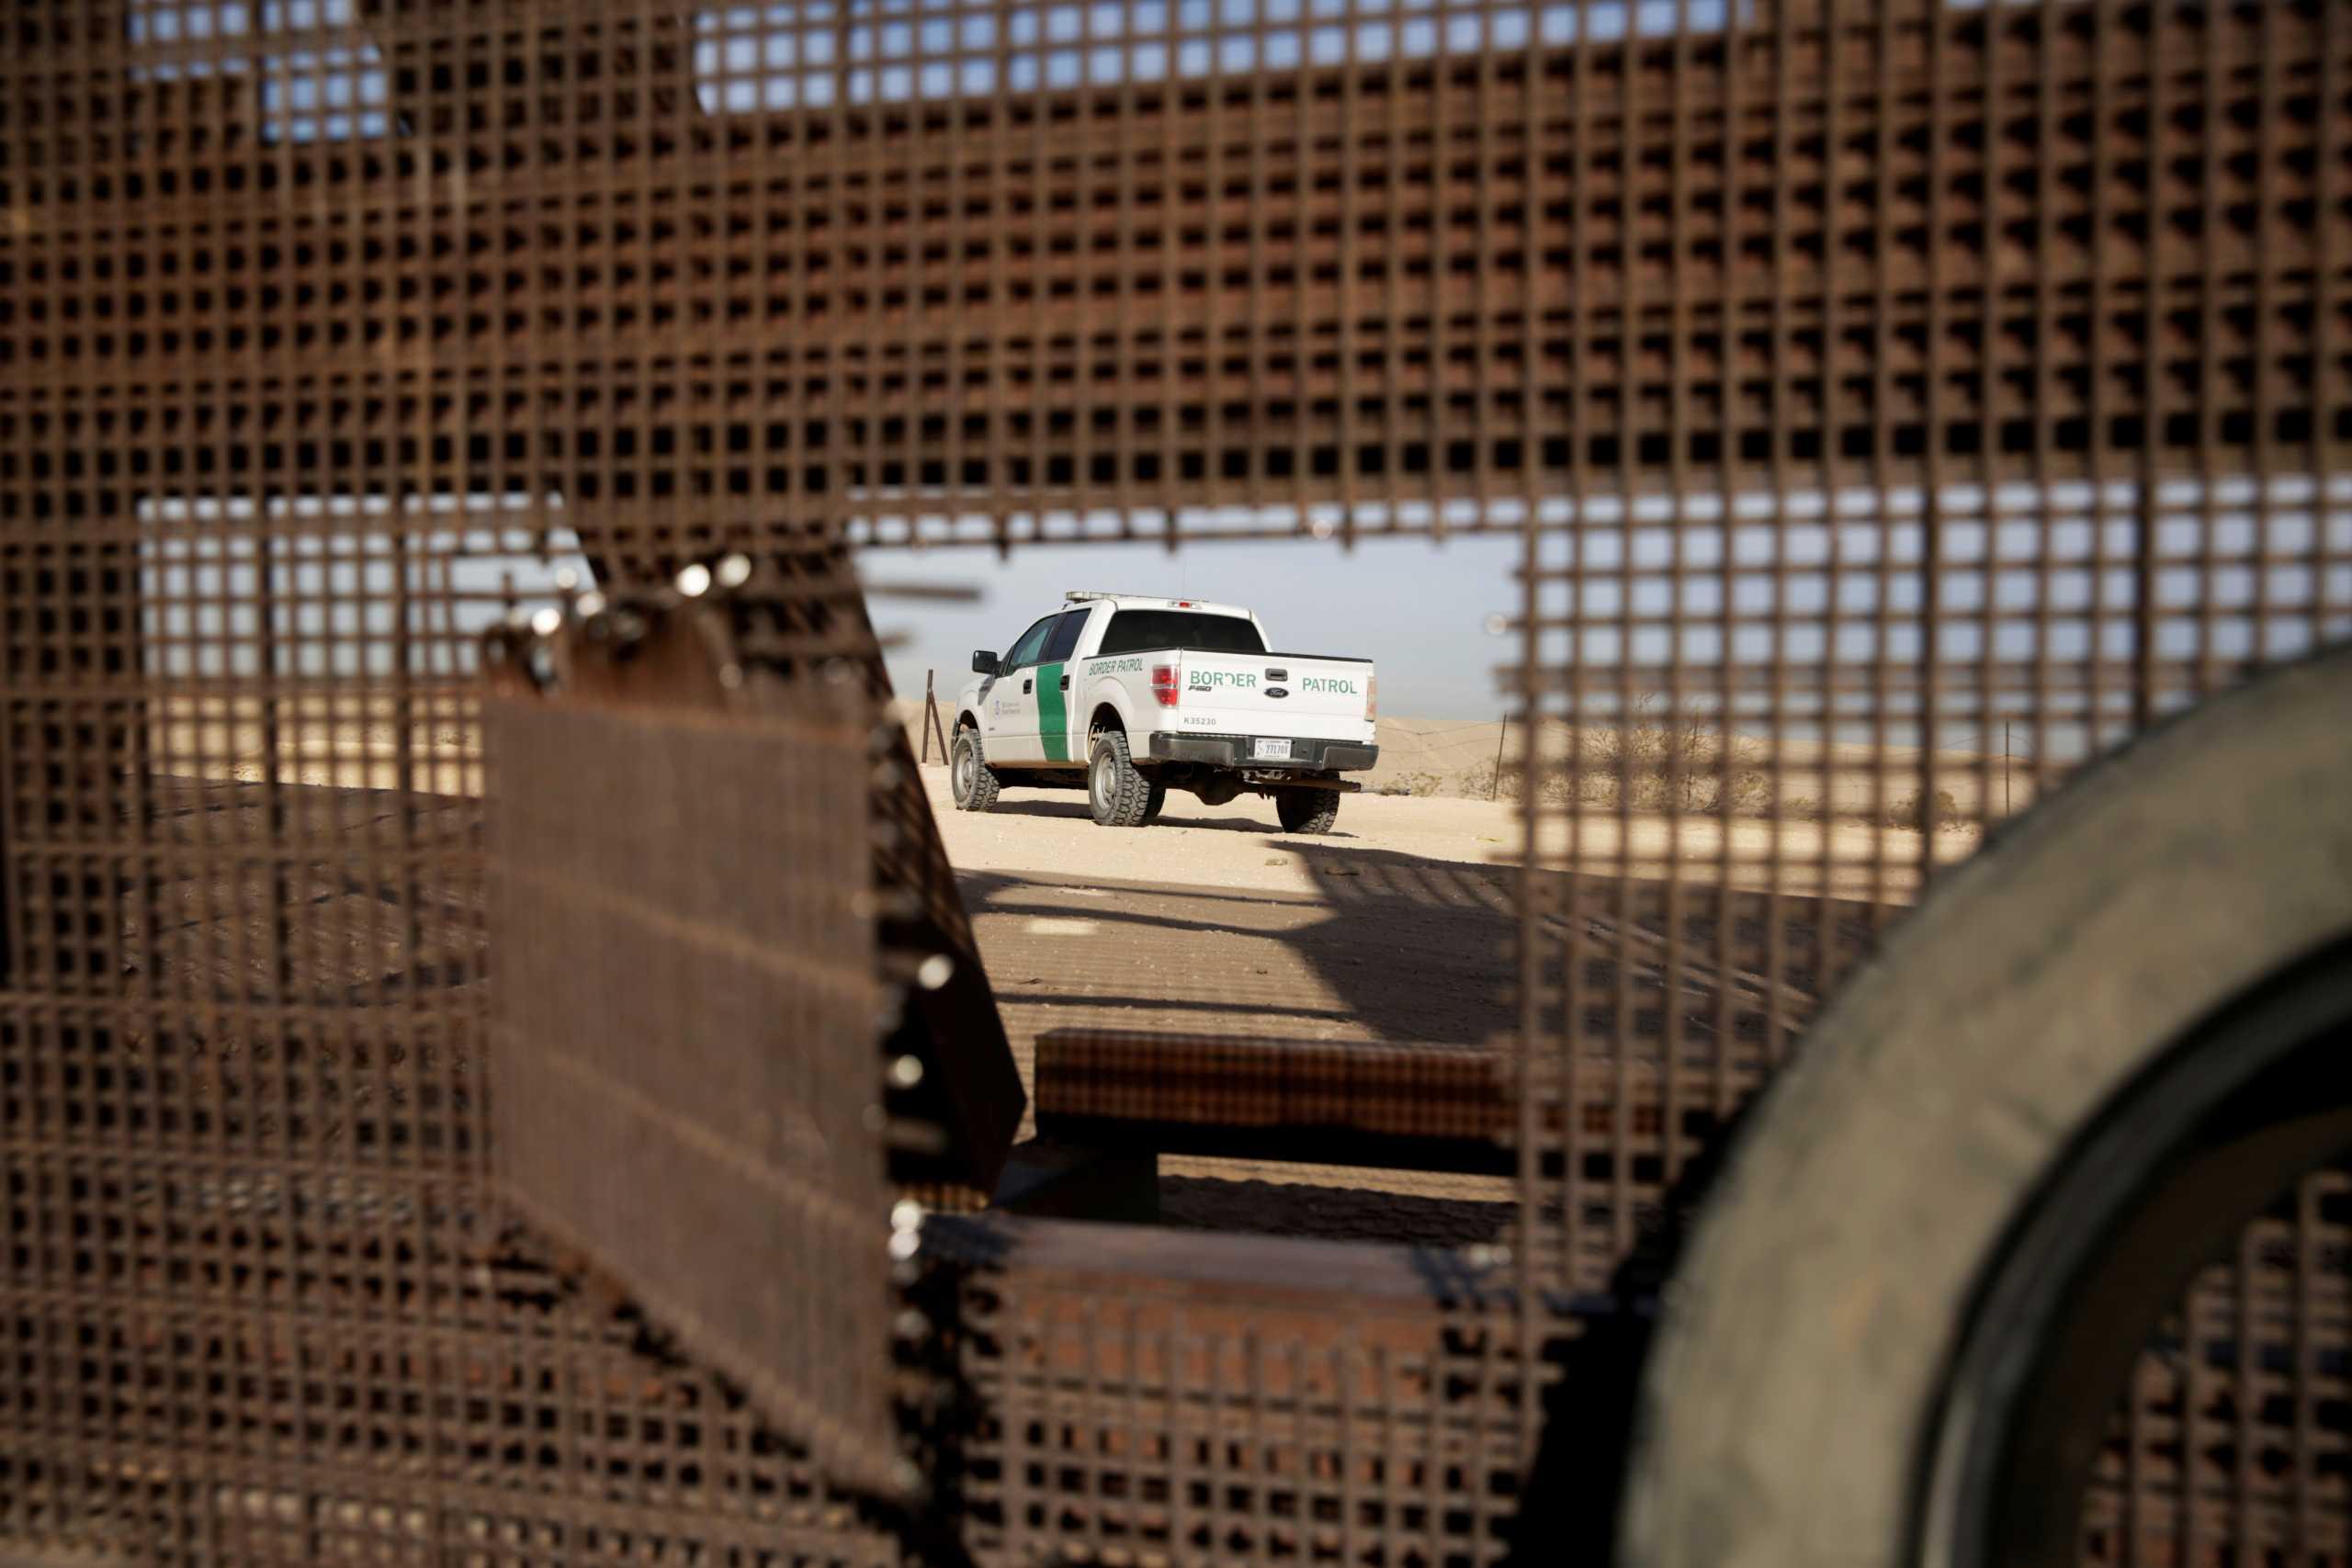 ΗΠΑ: Διακινητής πέταξε δυο κοριτσάκια από τοίχο τεσσάρων μέτρων